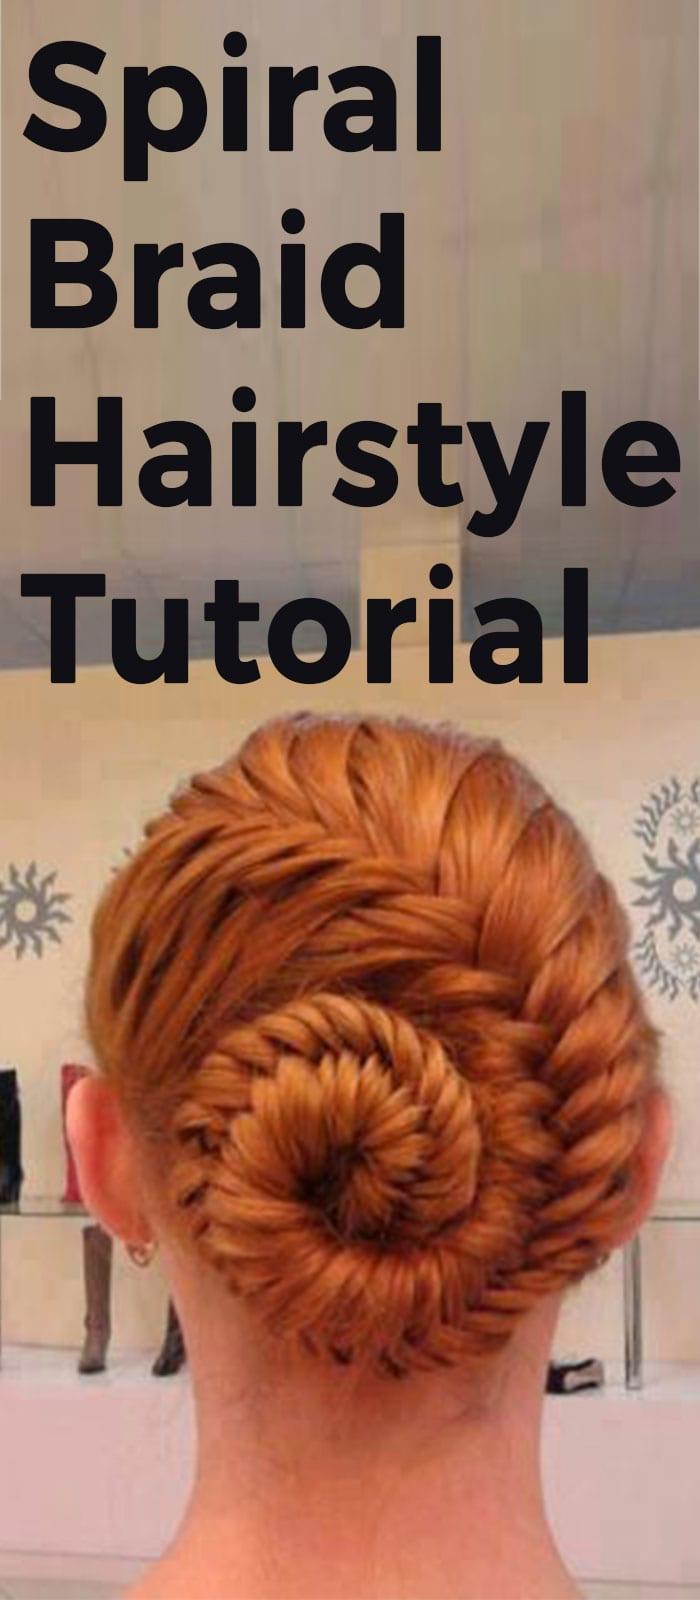 Spiral Braid Hairstyle Tutorial